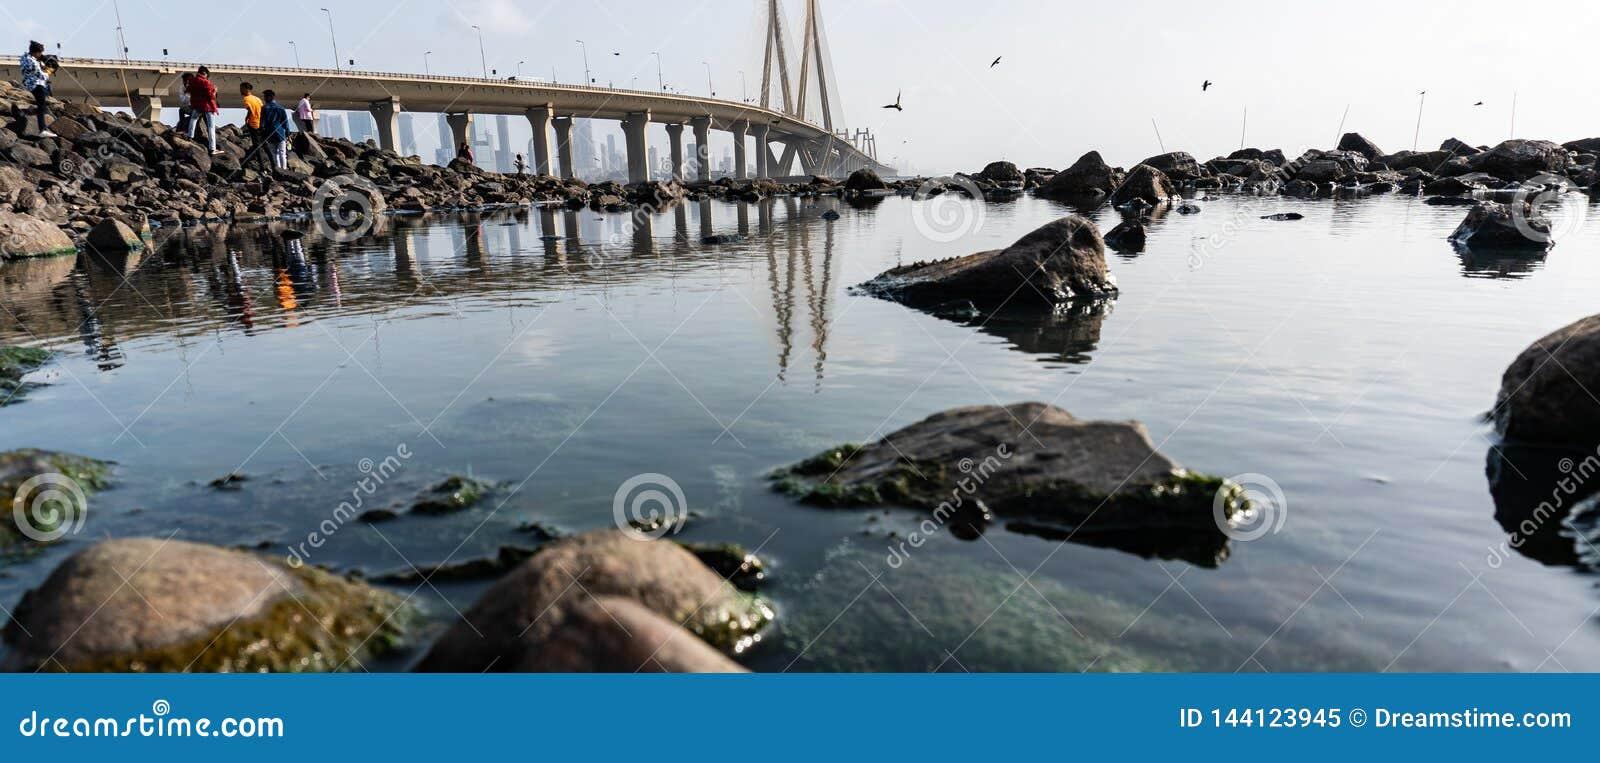 Αντανάκλαση της γέφυρας στο νερό